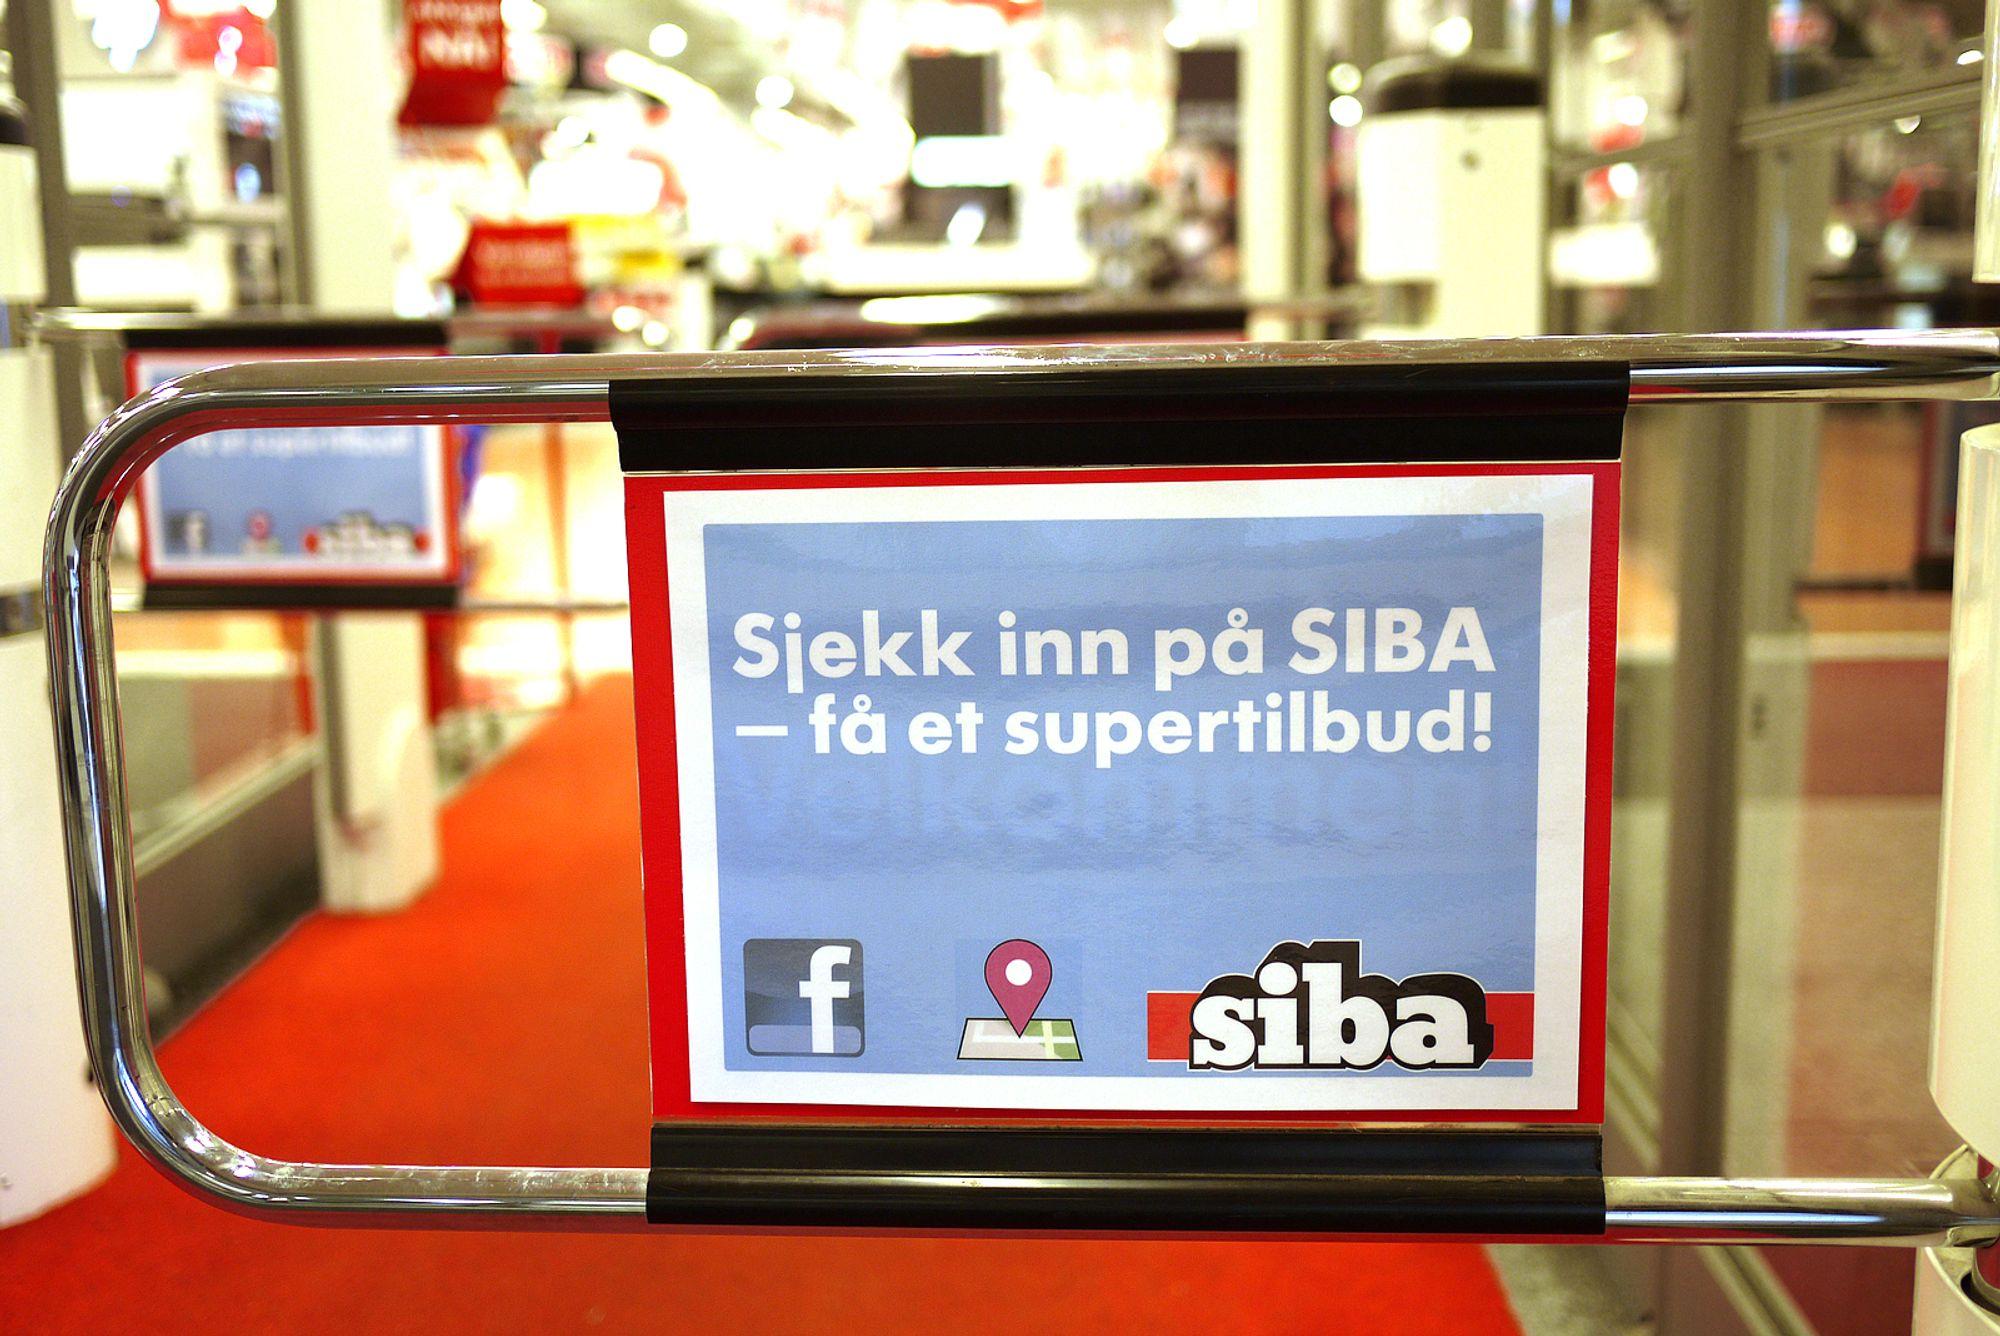 ANNONSE Hele dette bilaget er en annonse fra SIBA ANNONSE